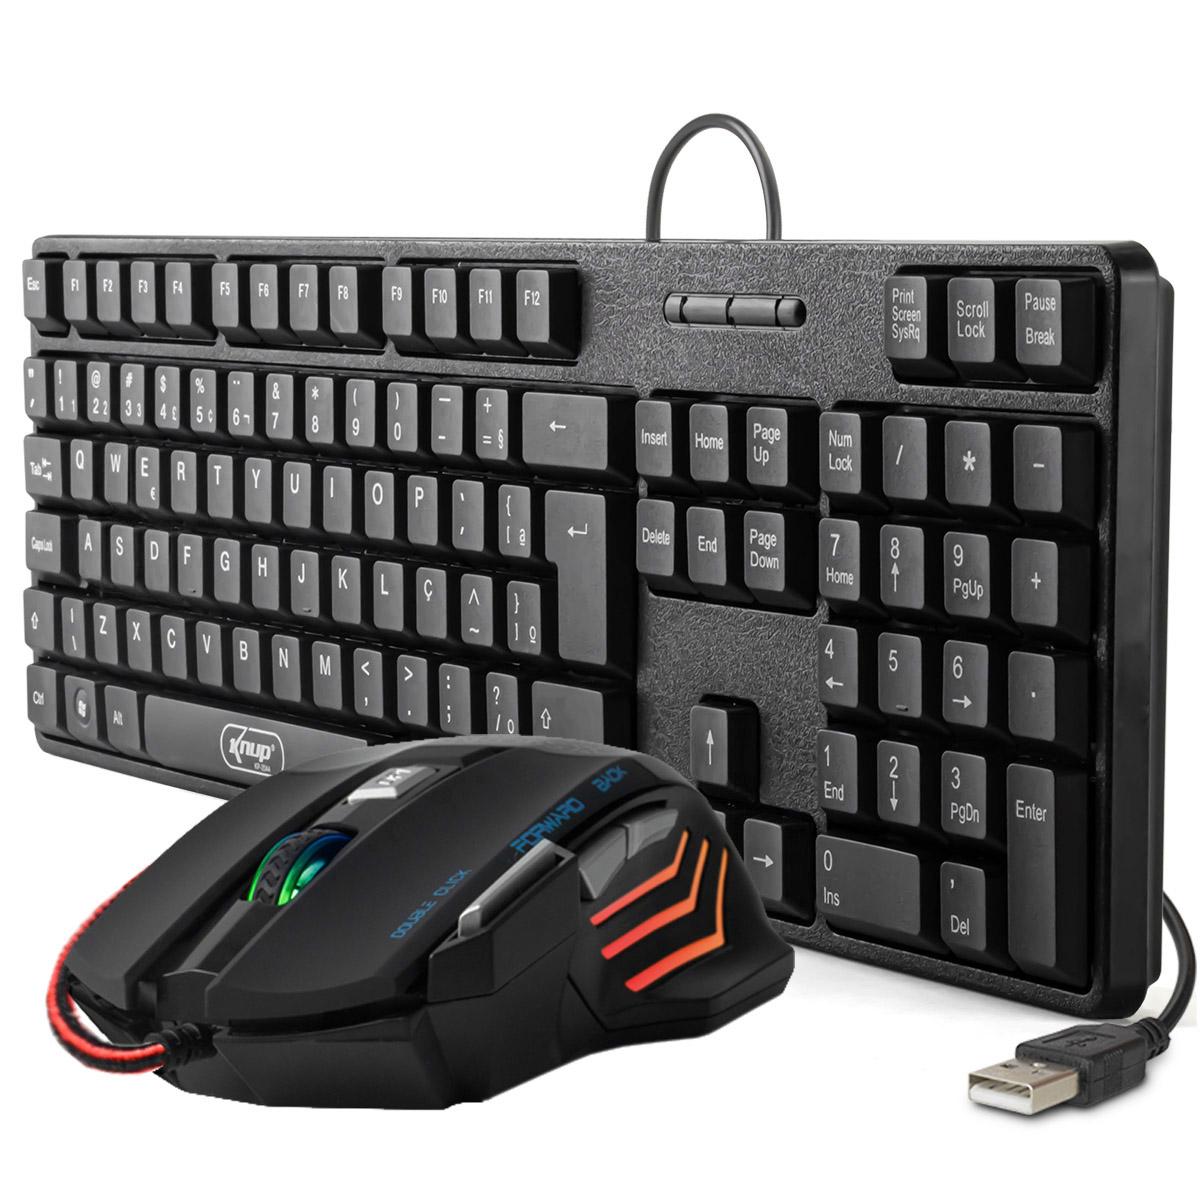 KIT Teclado e Mouse USB ABNT 2 (com Ç) Knup KP-2044 + Mouse Gamer 7 Botões DPI Ajustável GM-700